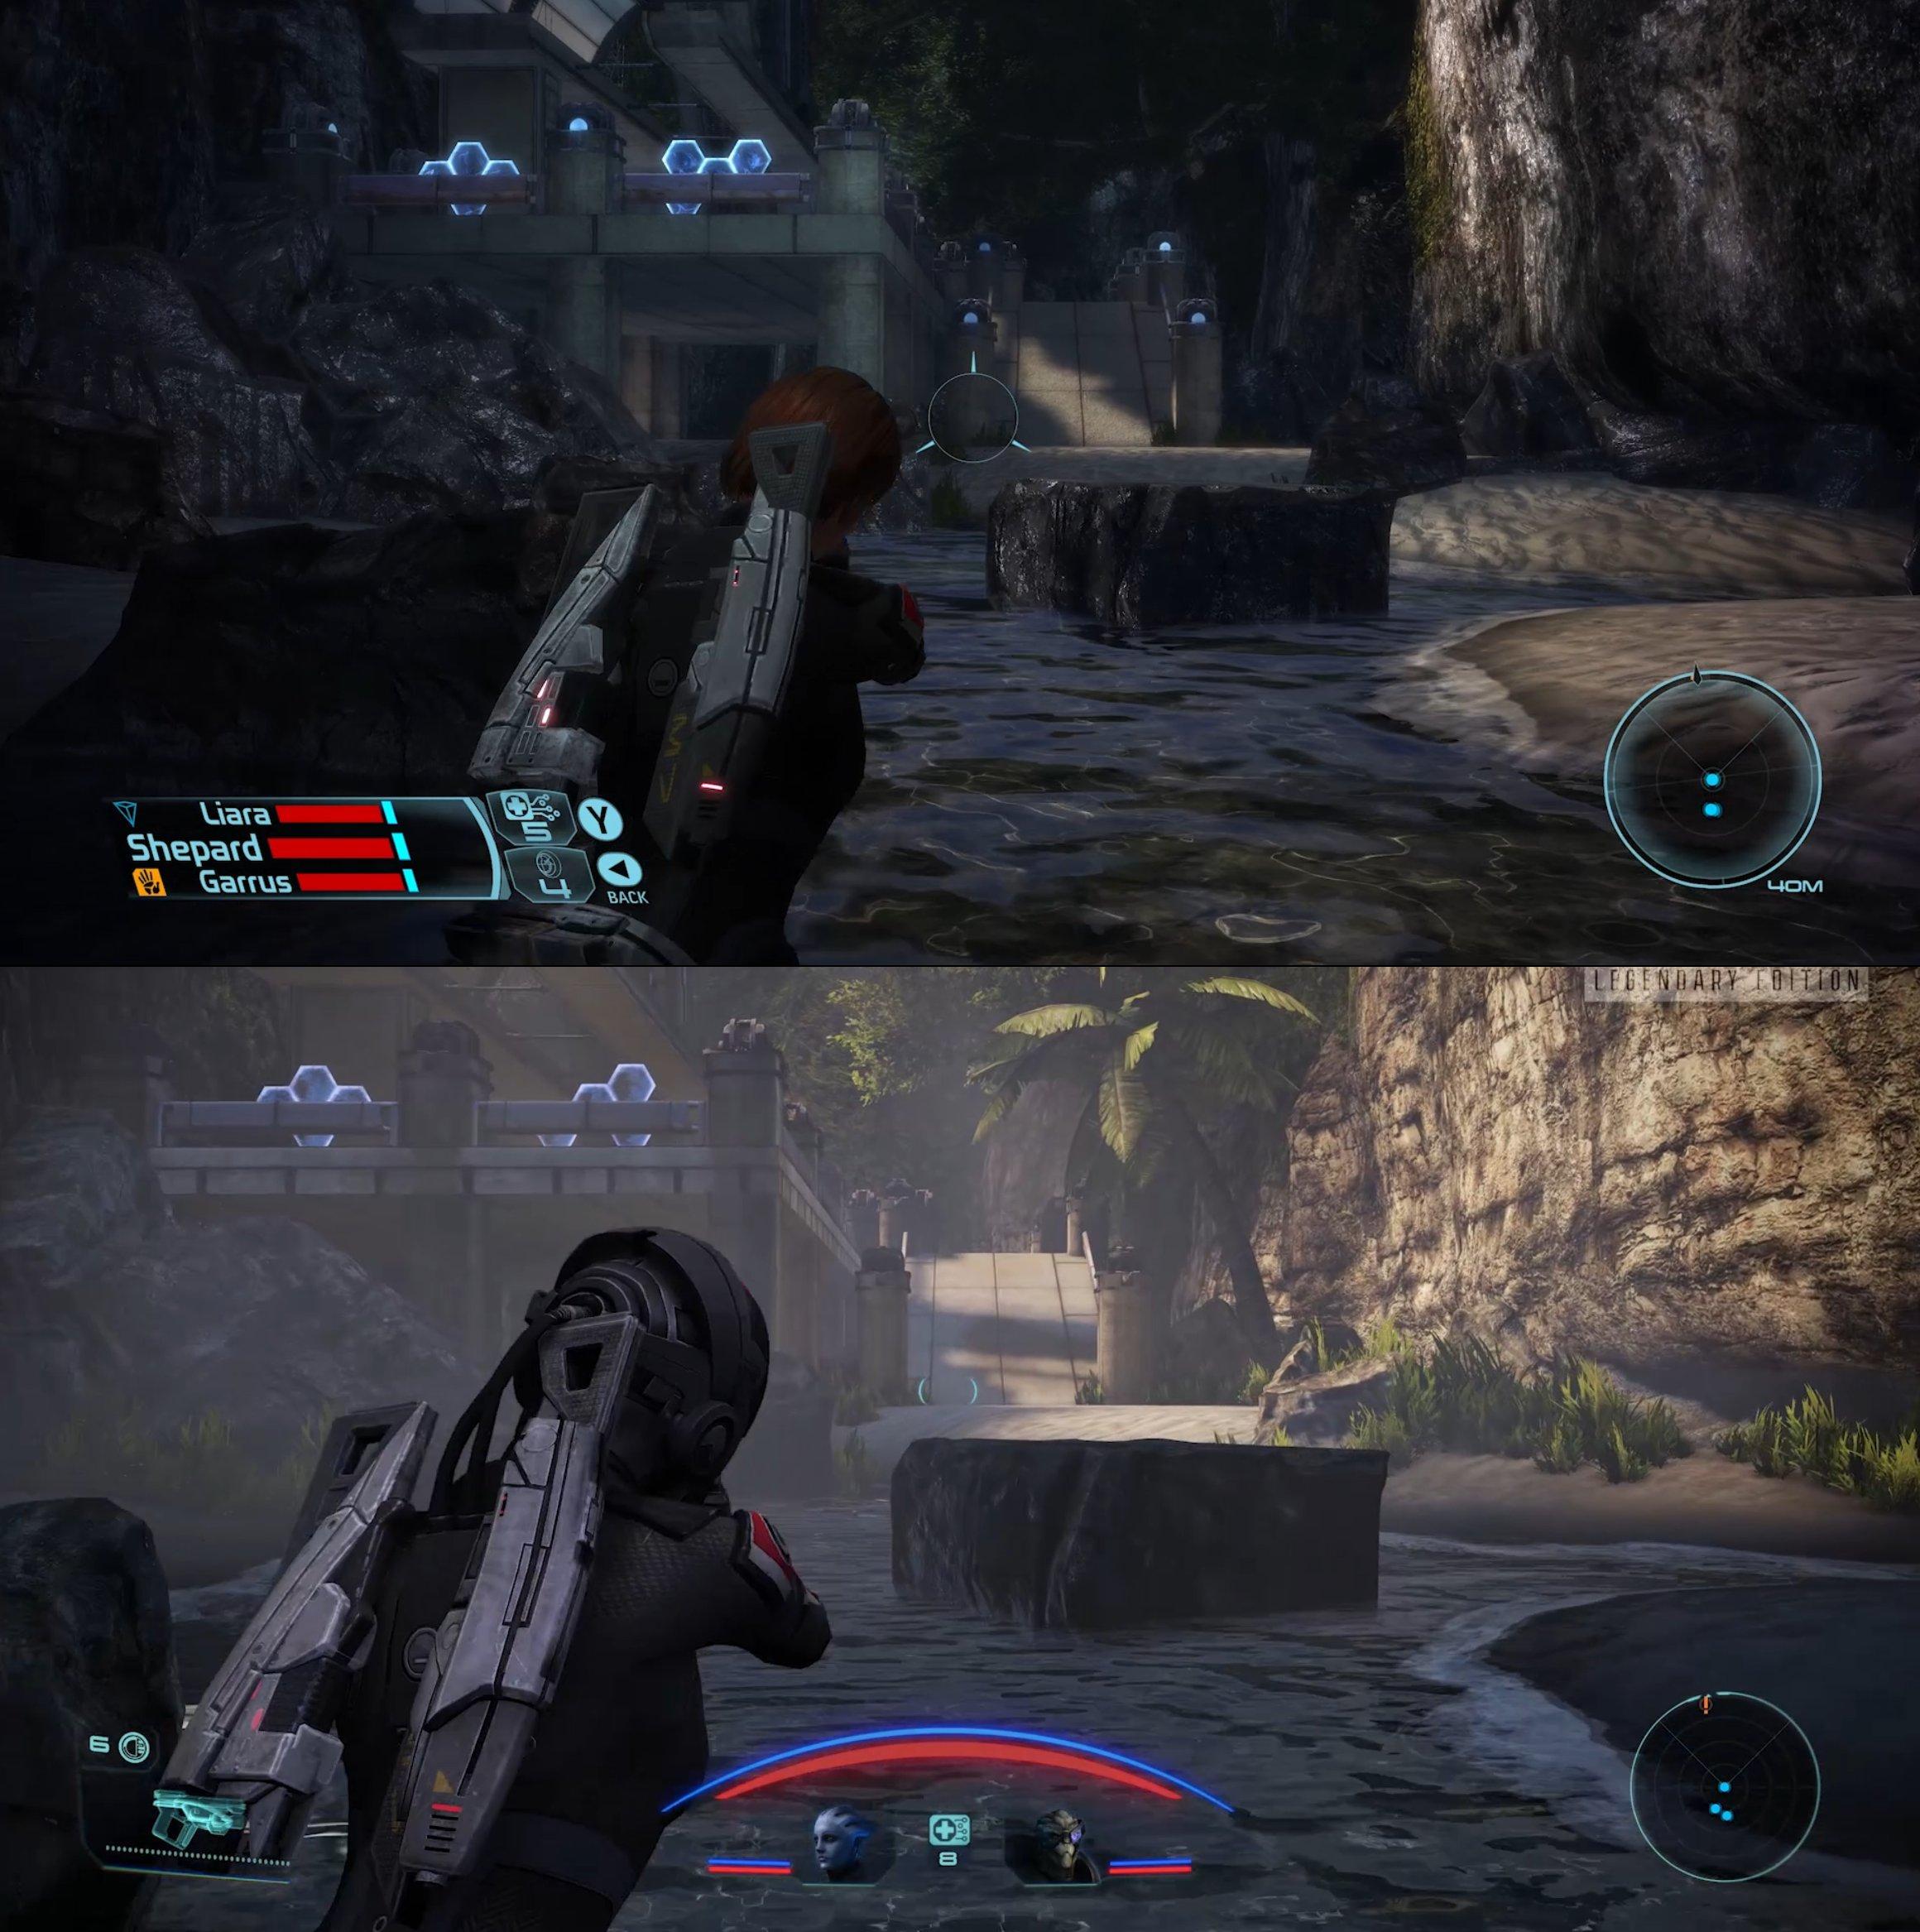 Скриншоты сравнения ремастера Mass Effect и оригинальных игр